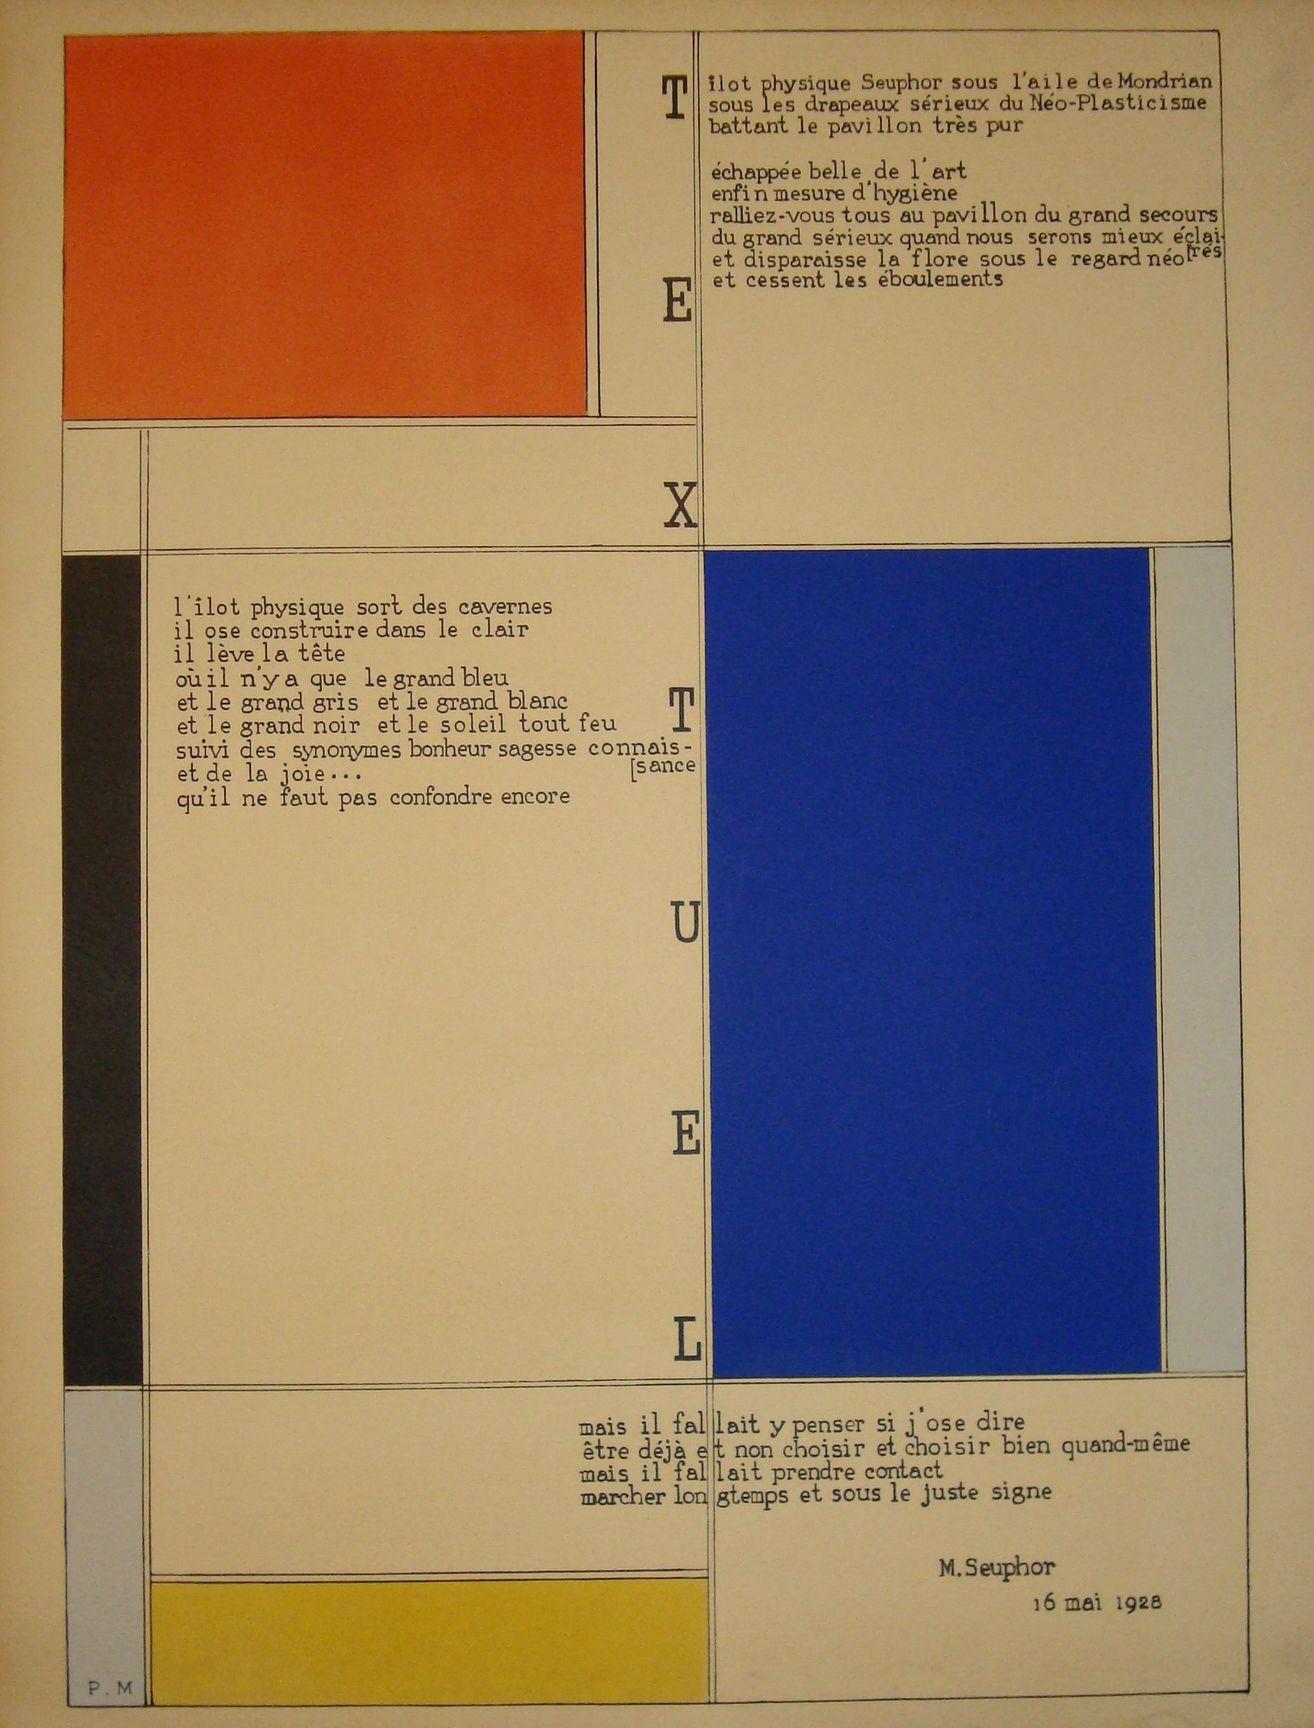 """MONDRIAN (Piet) et SEUPHOR (Michel).  """"Textuel"""" (1928). Lithographie en couleurs tirée sur papier vélin, d'après le tableau-poème de 1928. Impression exécutée sous la surveillance de Michel Seuphor en 1952. Tirage limité à 120 ex. N.Y., Sarah Gentle, 1952, dim. support : 64,5 x 49,5 cm sujet : 61,5 x 43 cm"""